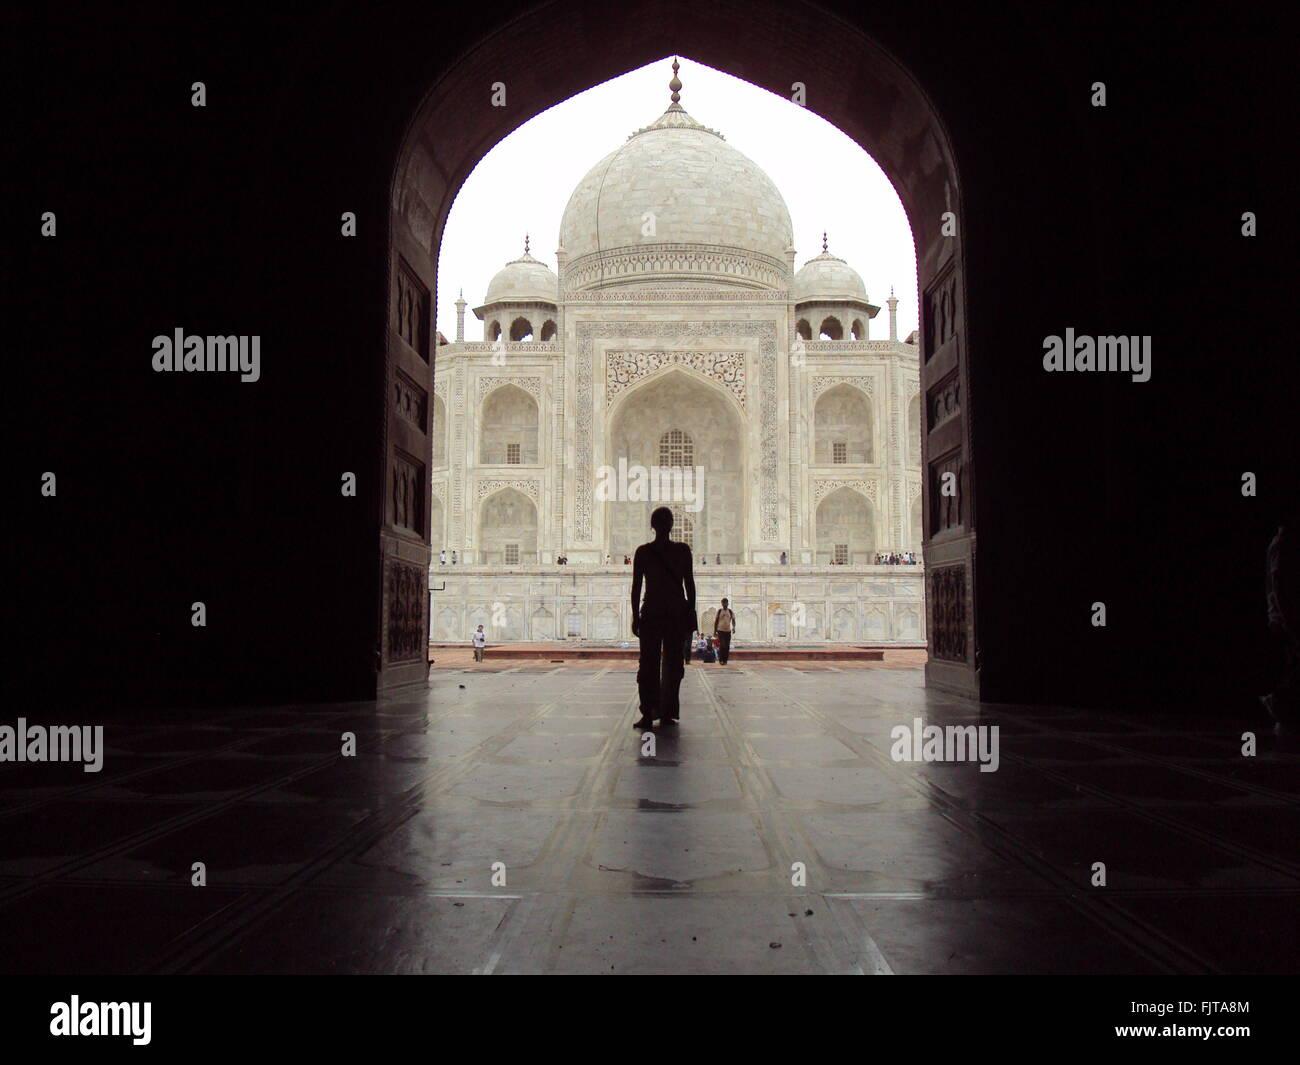 Persona in piedi ad Archway nella parte anteriore del Taj Mahal Immagini Stock